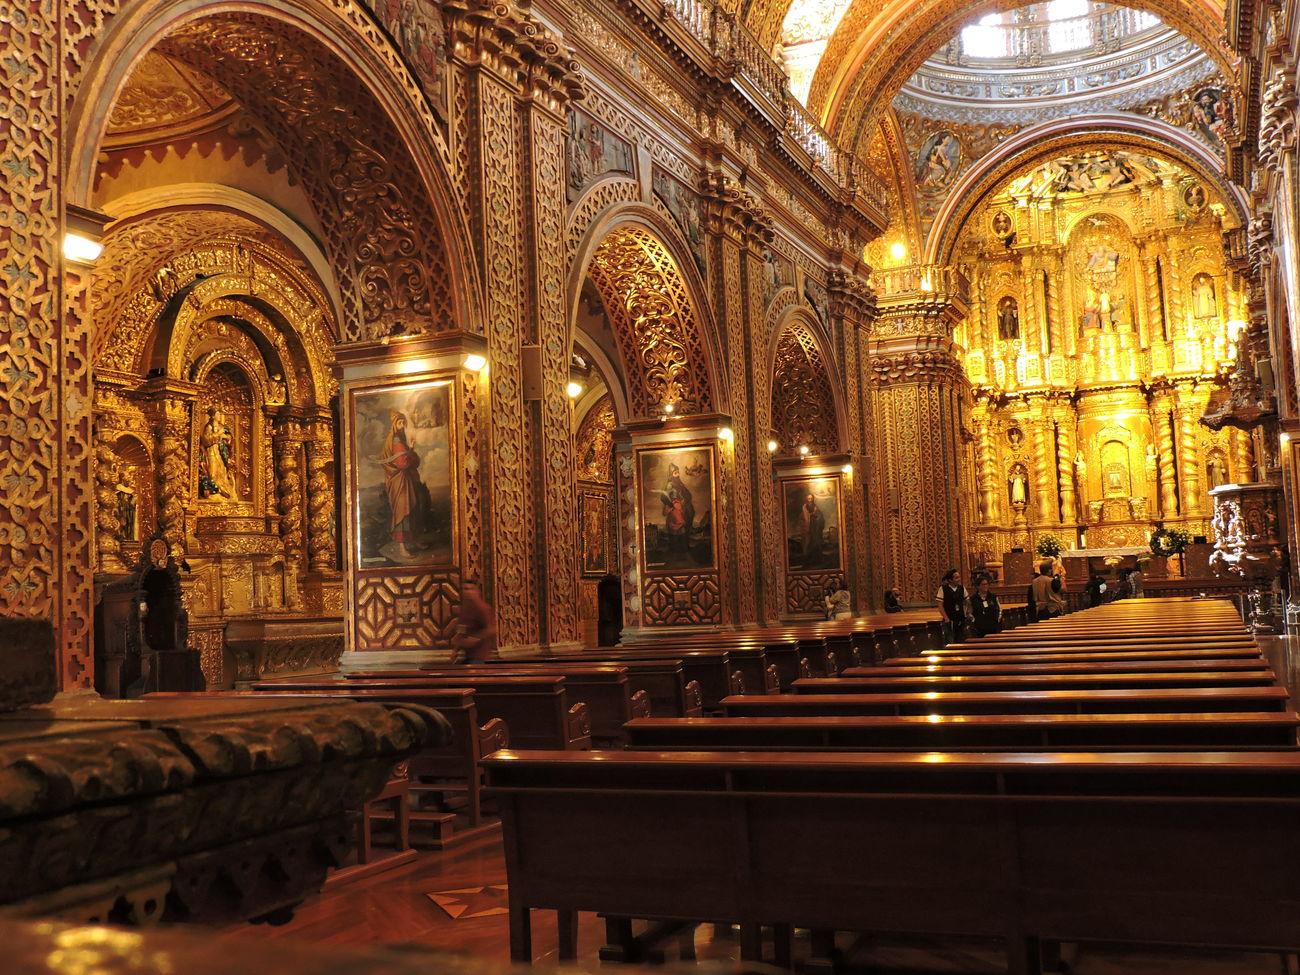 Architecture Travel Destinations Religion Centro Historico Photography Architecture Church City Quito Iglesia Católica  Quito Ecuador